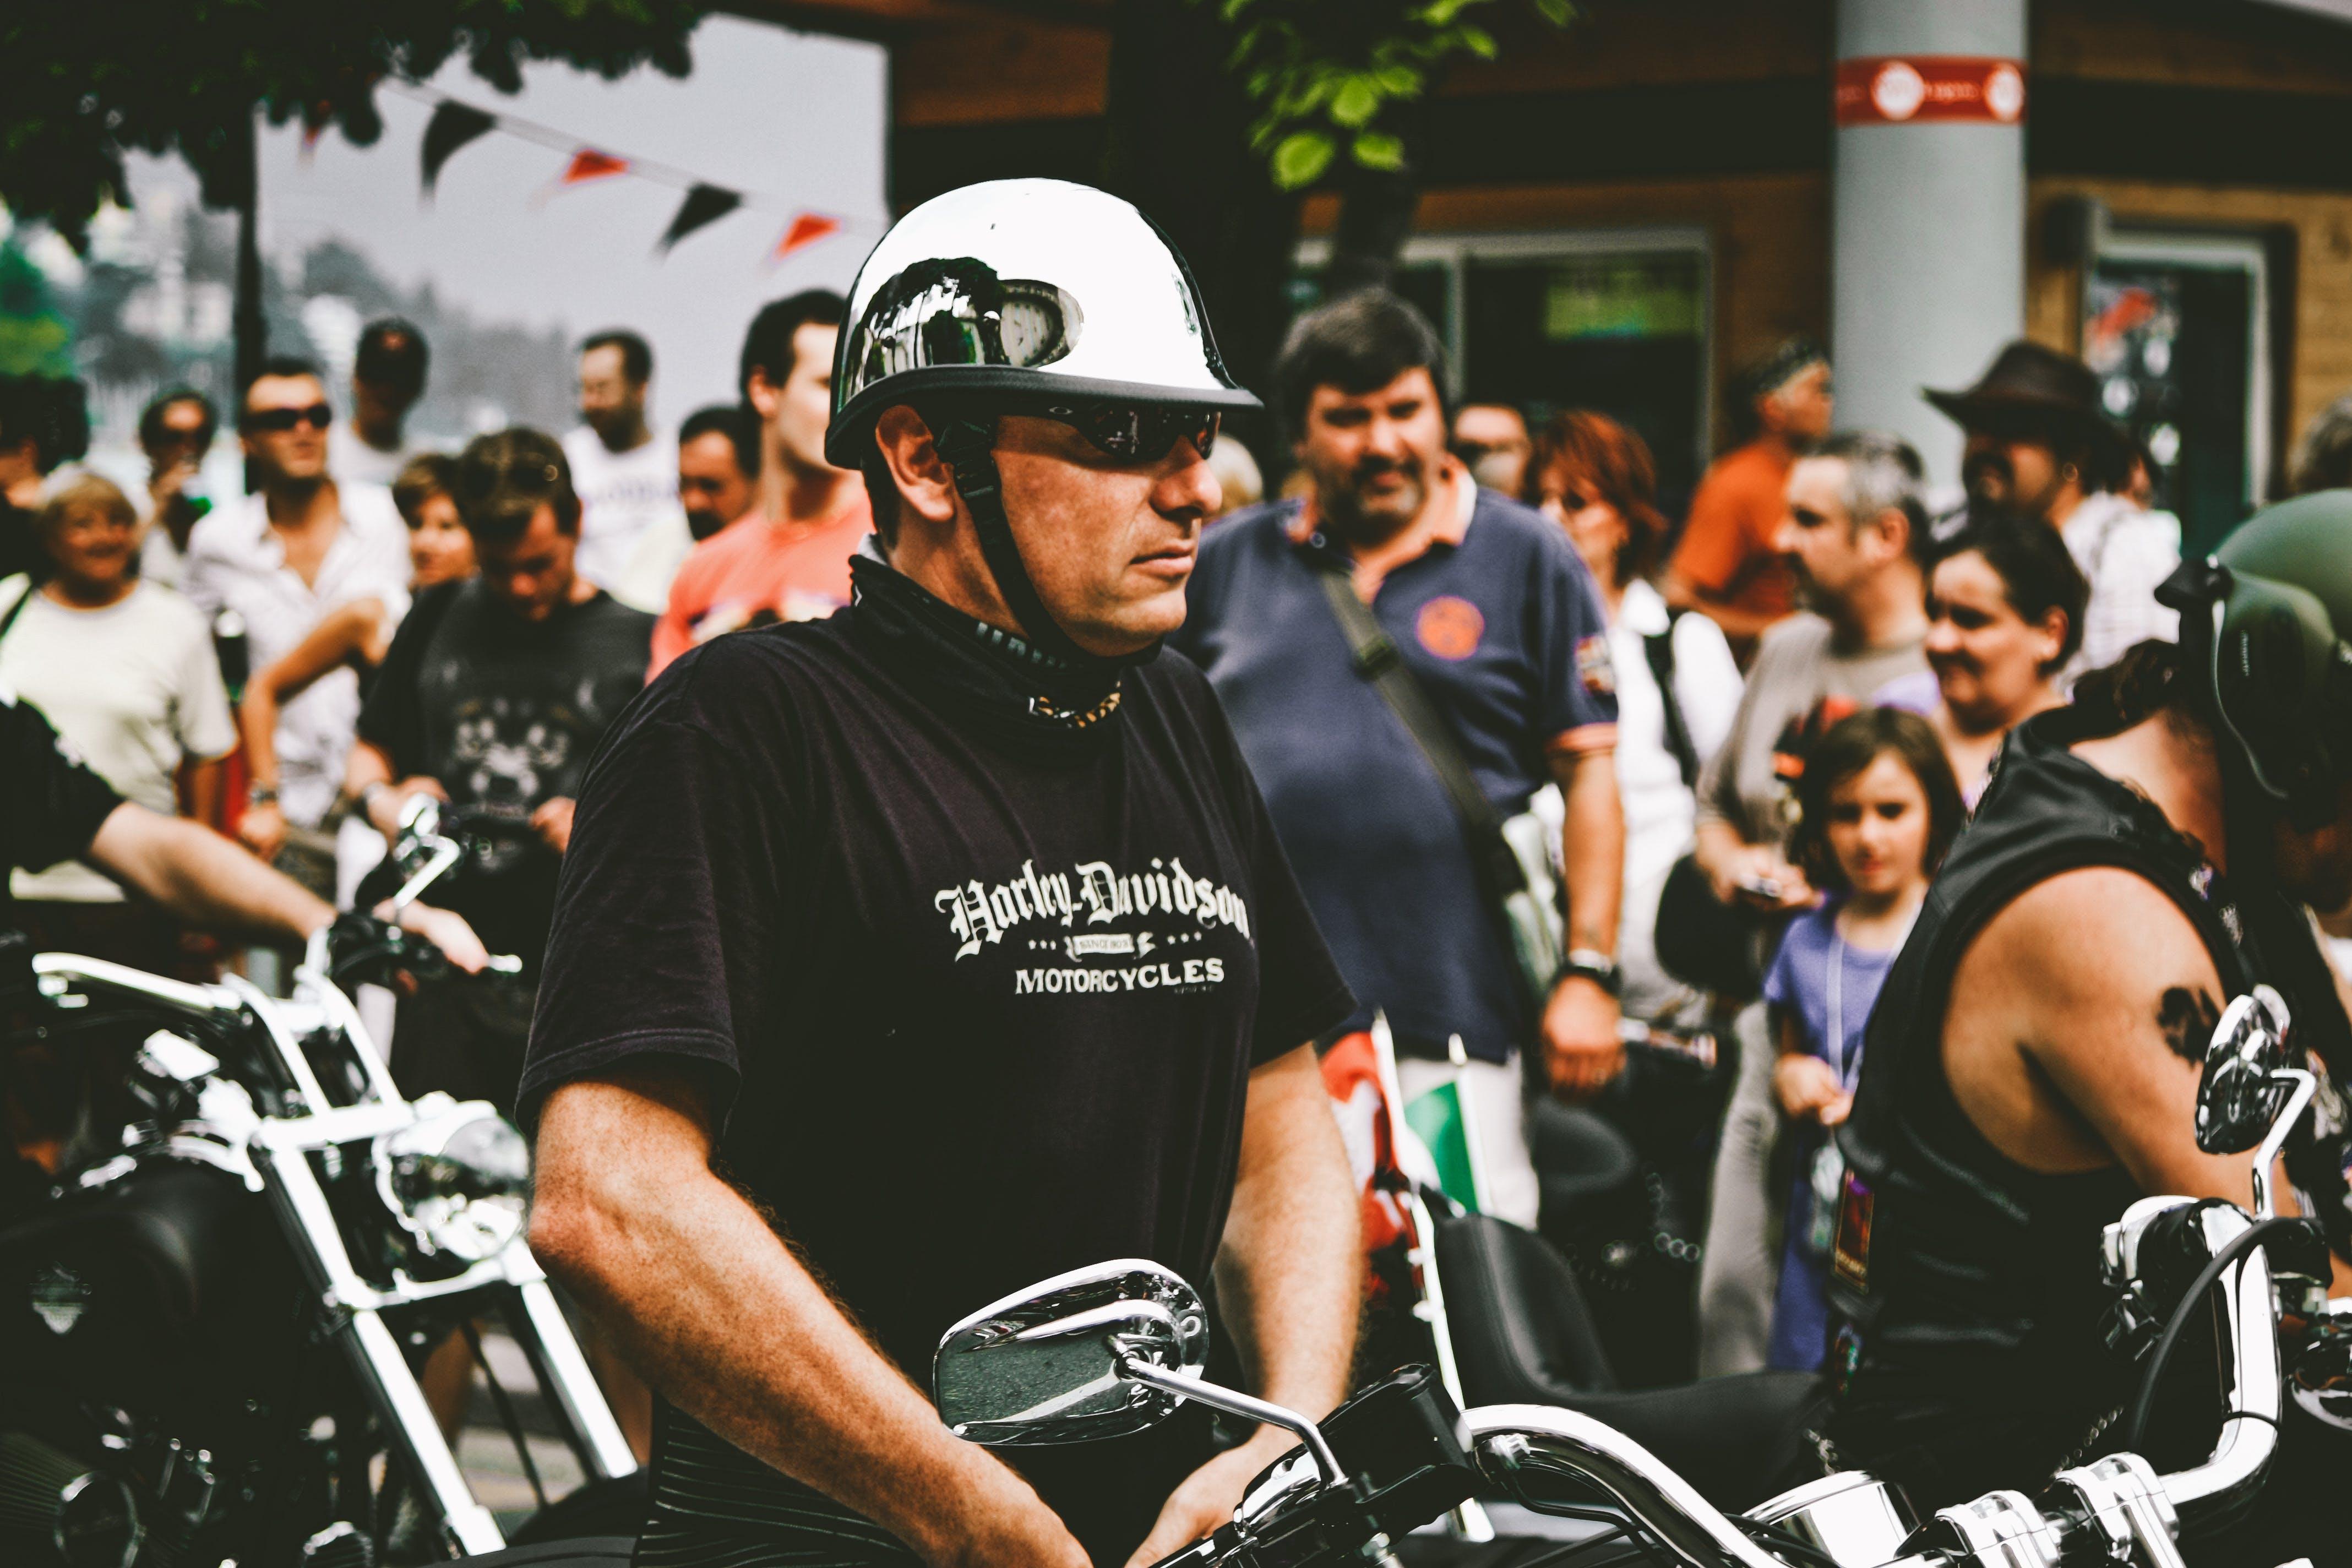 Photo of Man Wearing Black Shirt